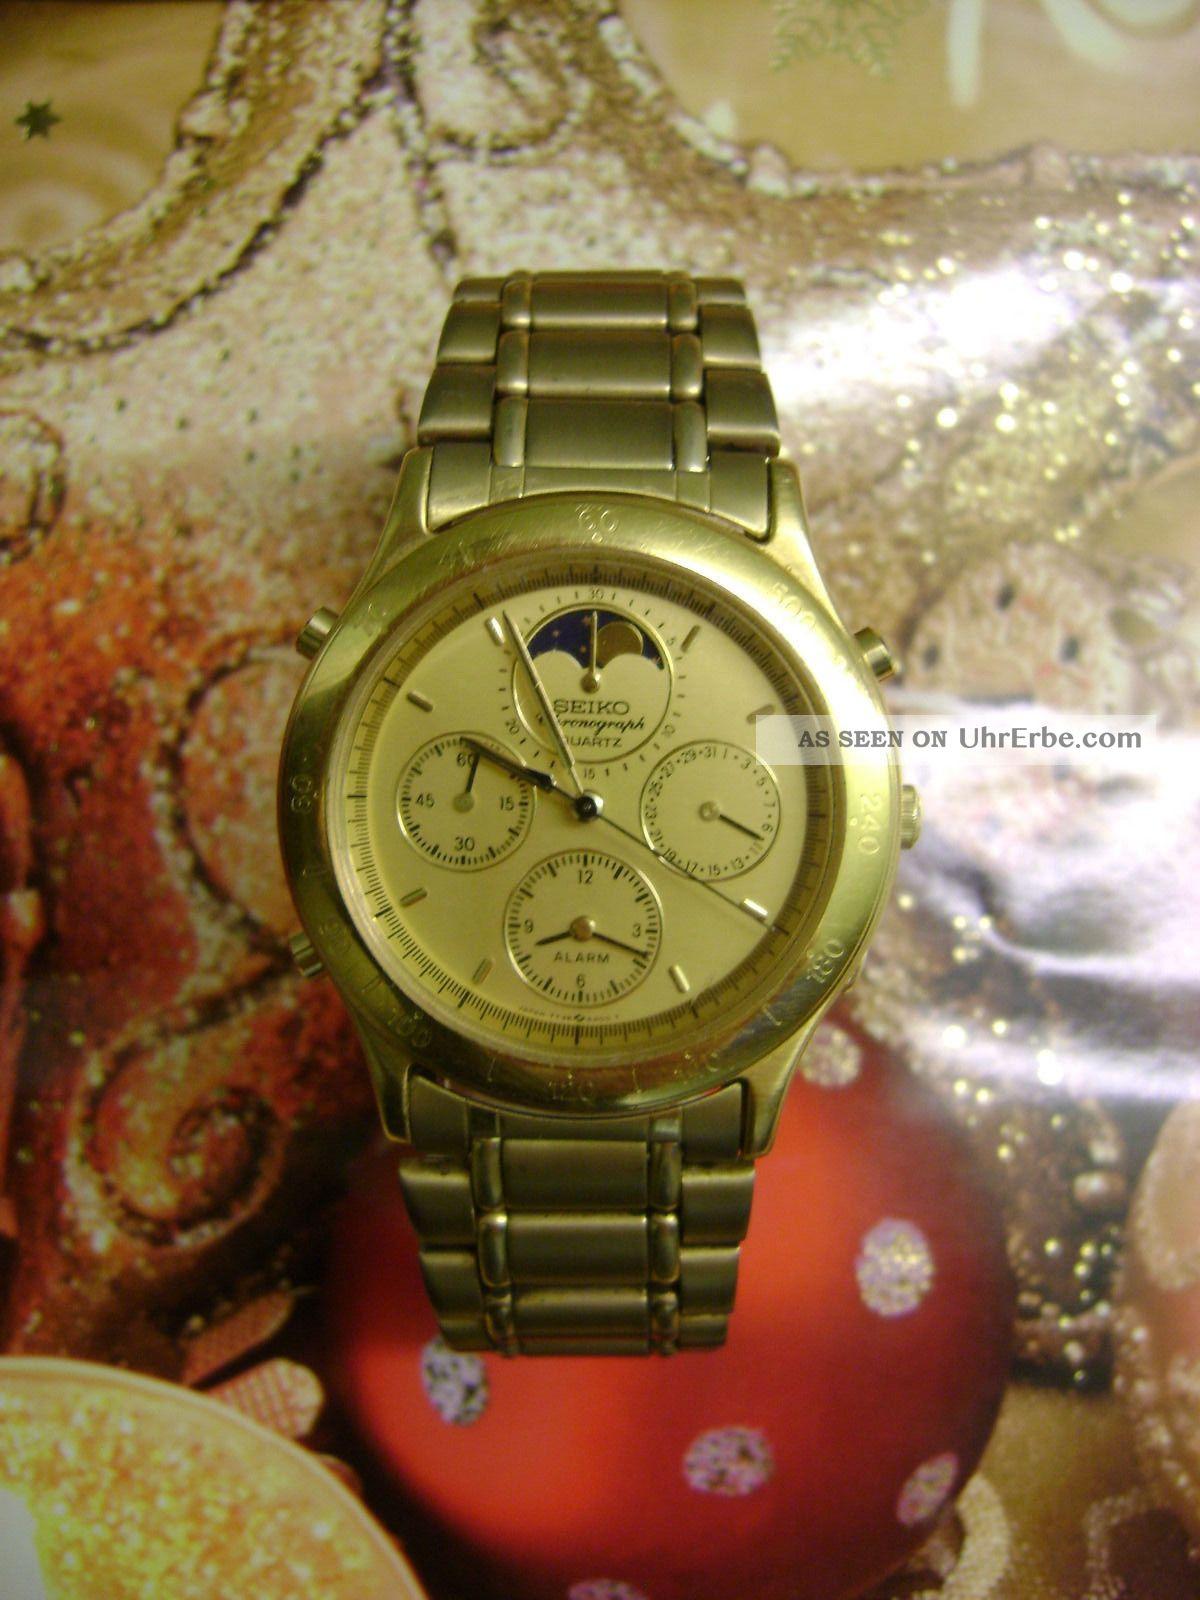 Seiko Chronograph Teilvergoldet Mit Mondphase Armbanduhren Bild